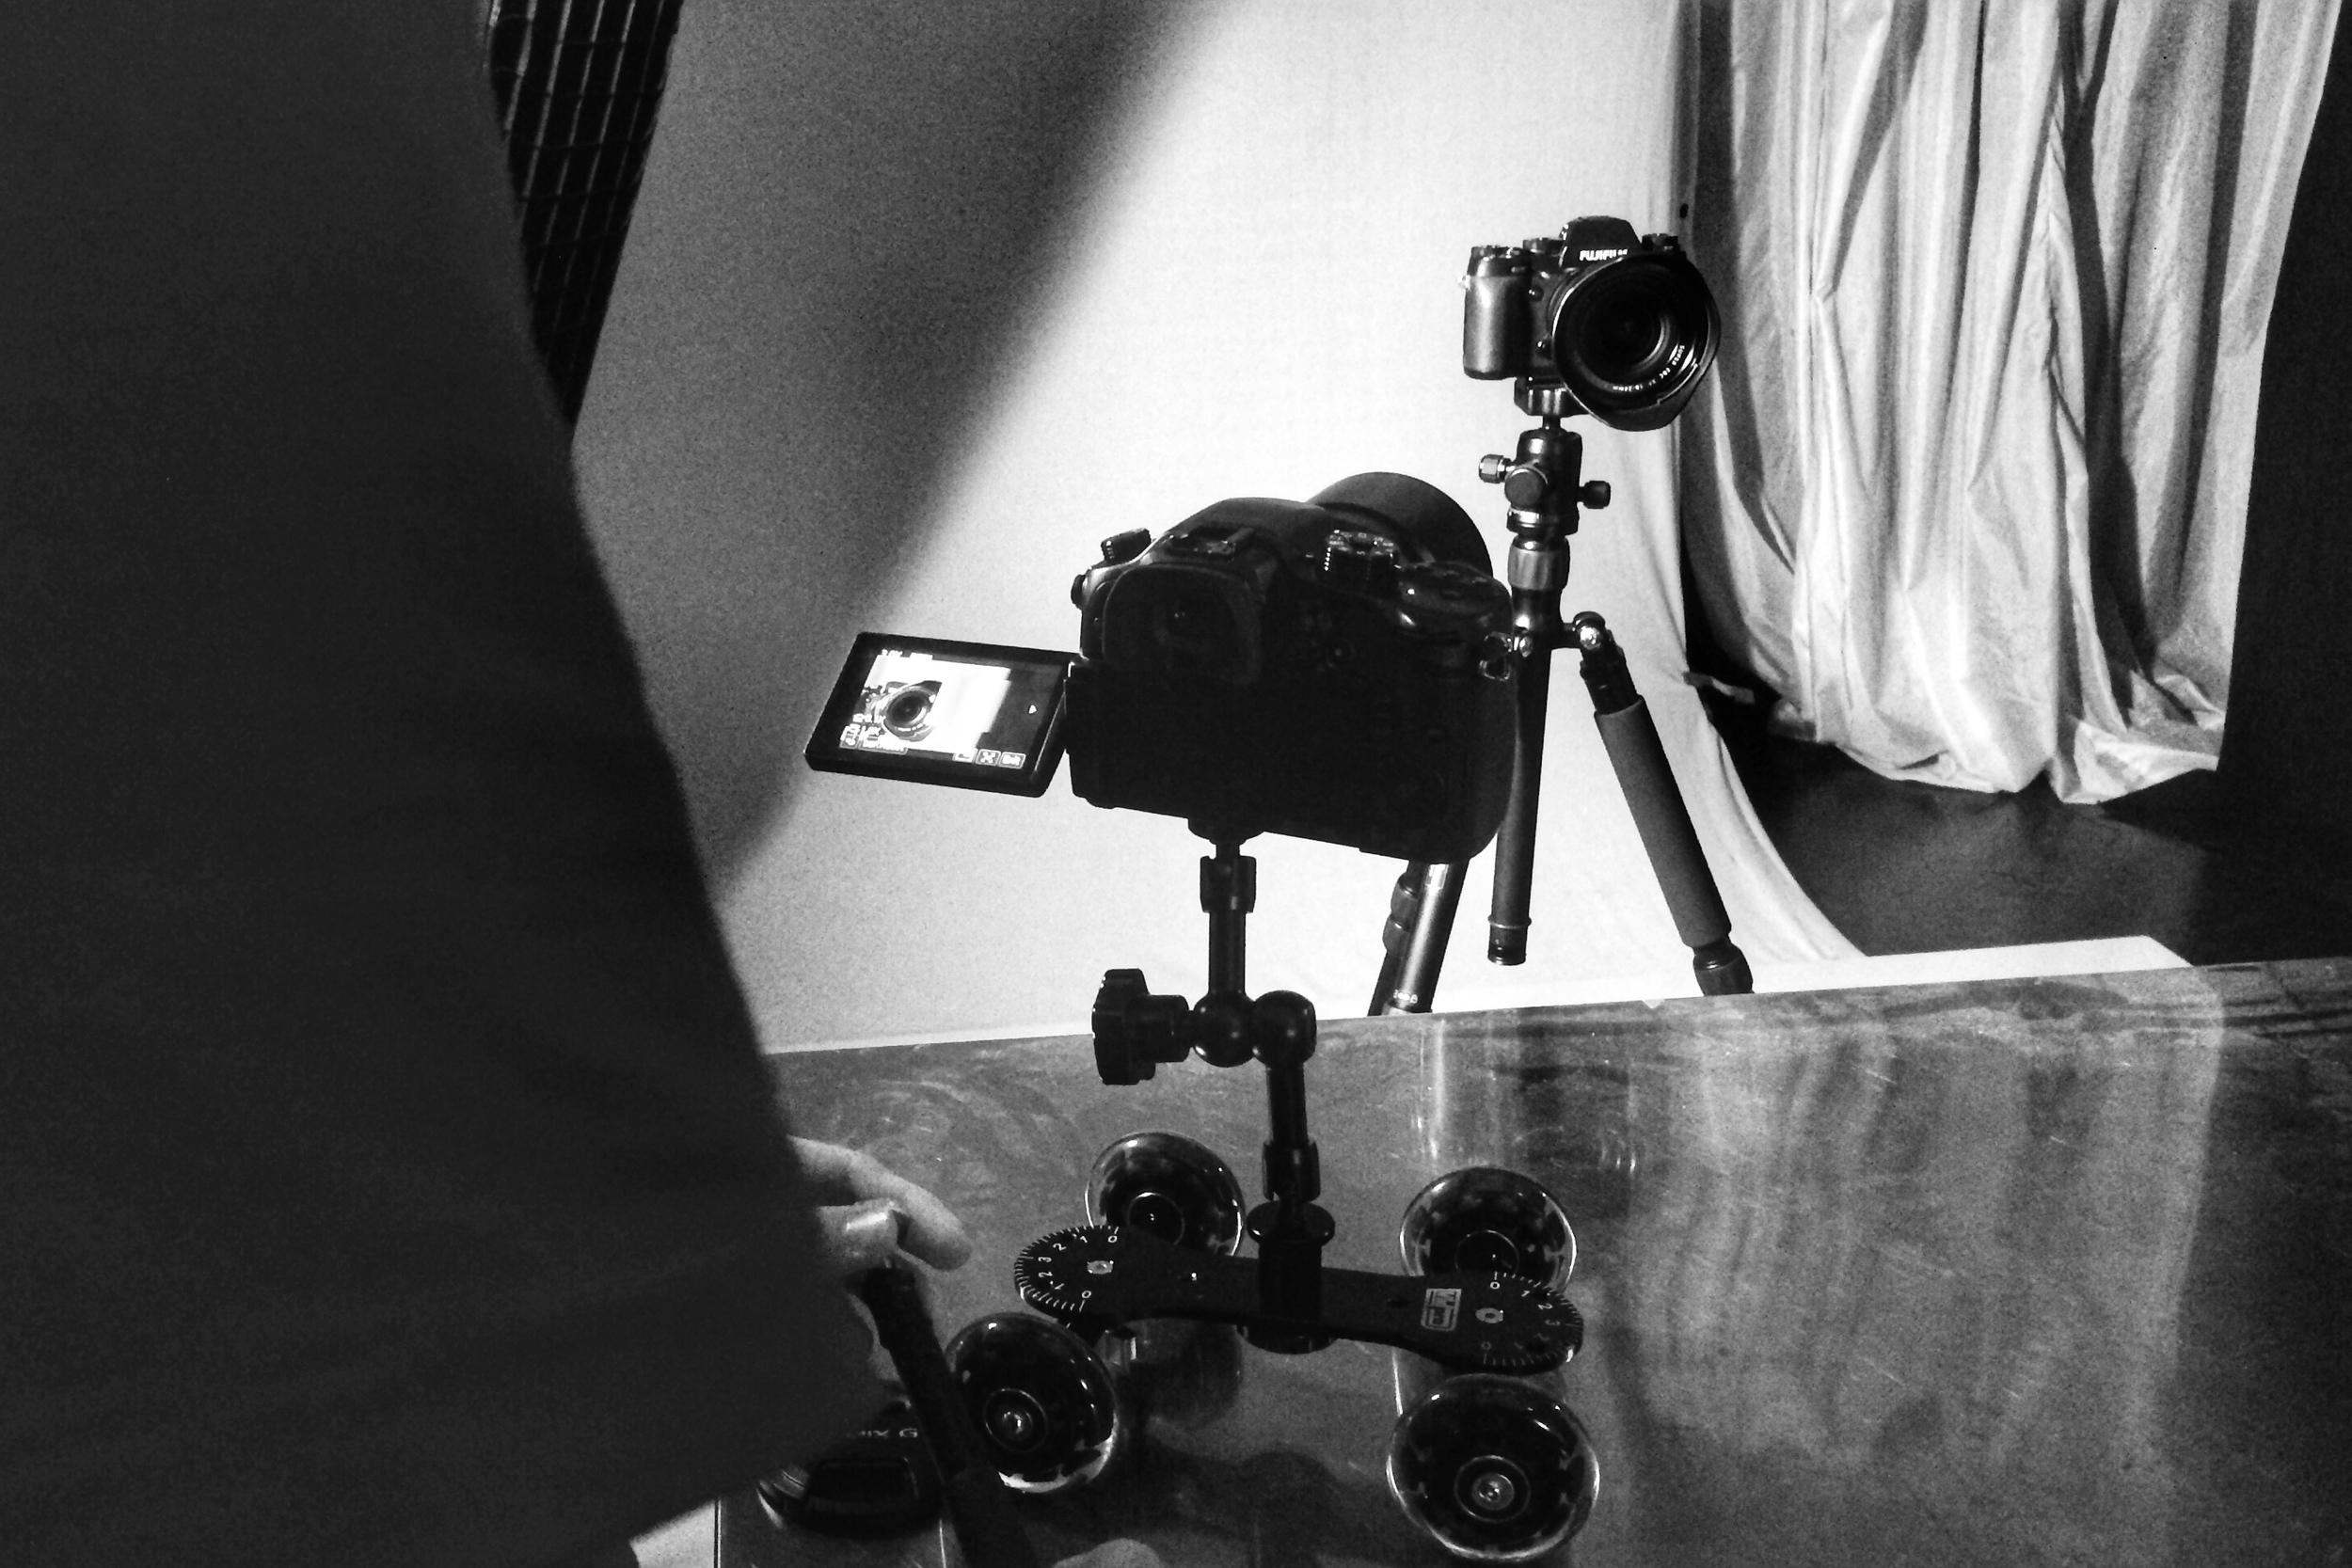 Caleb filming.